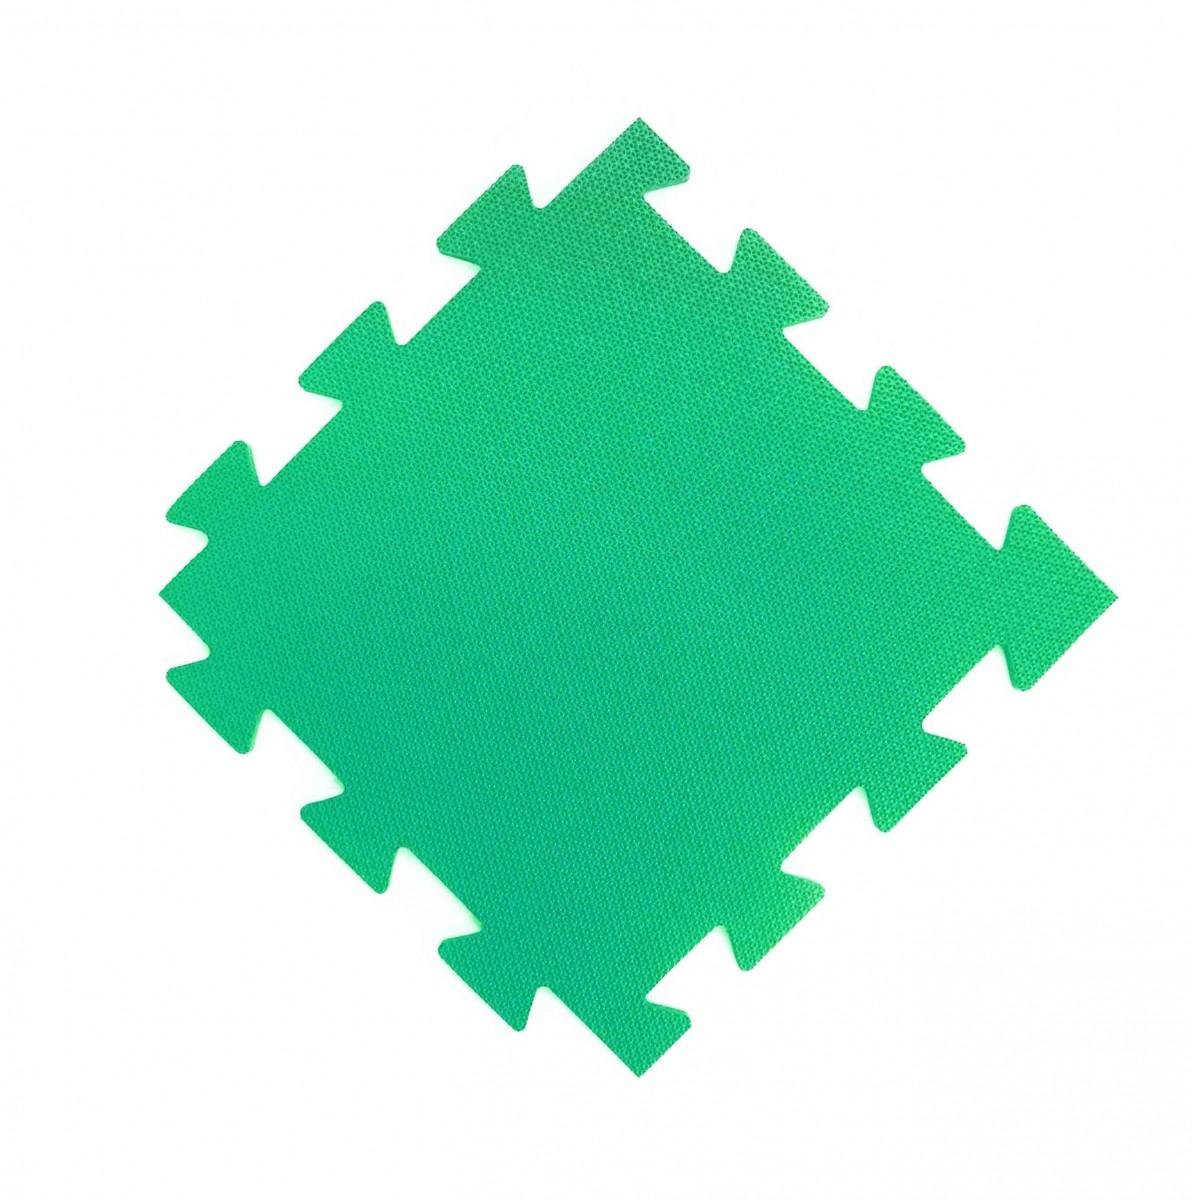 Tatames 50x50cm Com 10mm de Espessura   Verde Claro  -